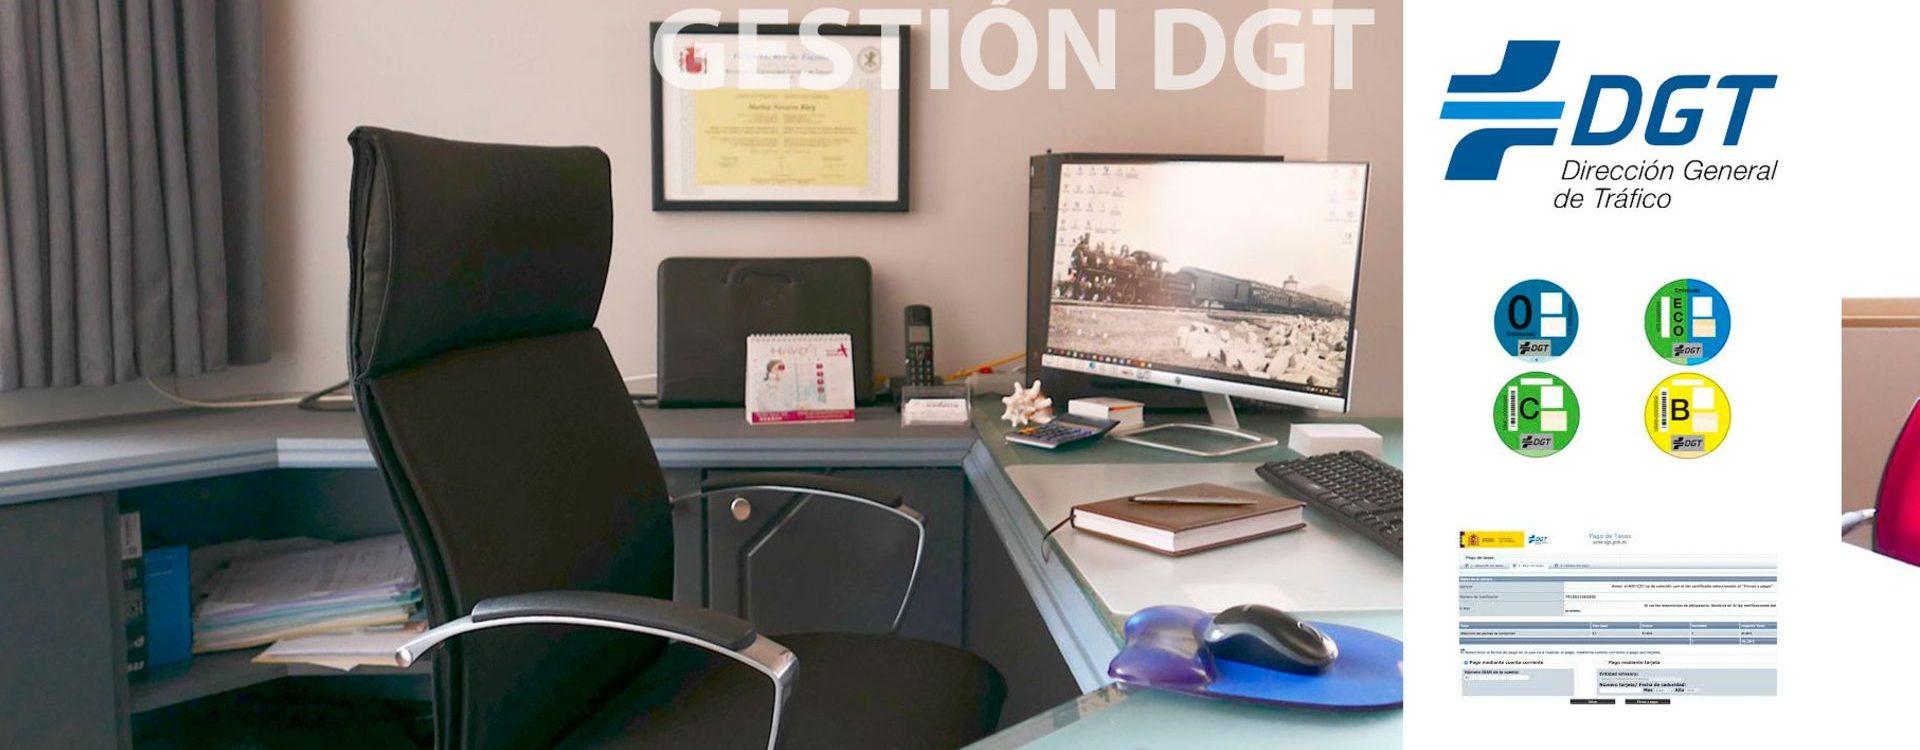 GESTIÓN DOCUMENTACIÓN DGT